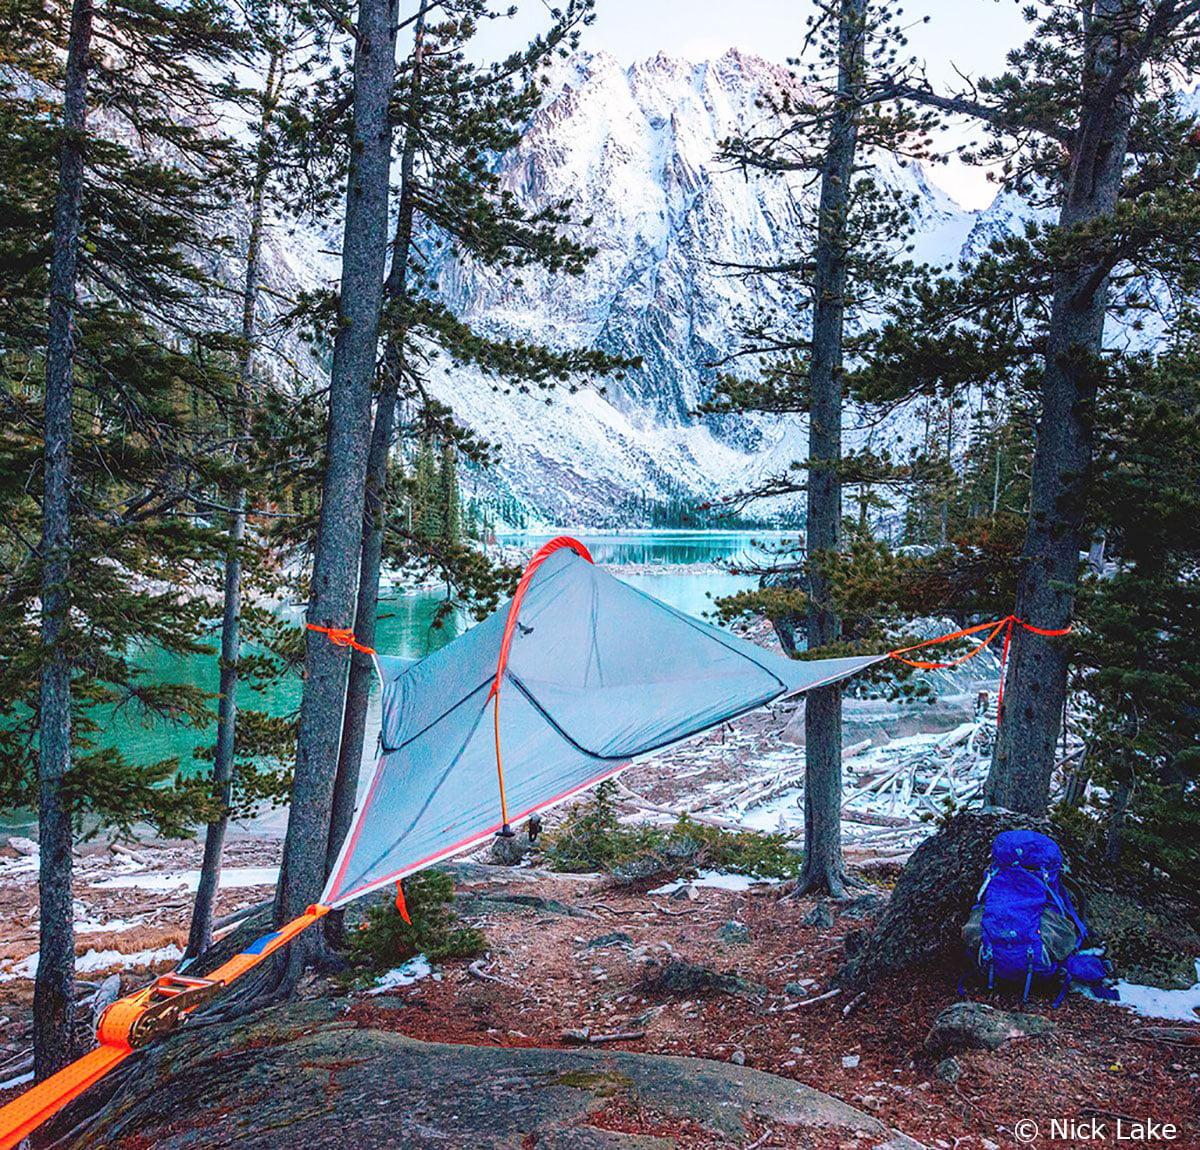 Tentsile Flite 2 Person Four Season C&ing Suspended Tree Tent - Walmart.com & Tentsile Flite 2 Person Four Season Camping Suspended Tree Tent ...